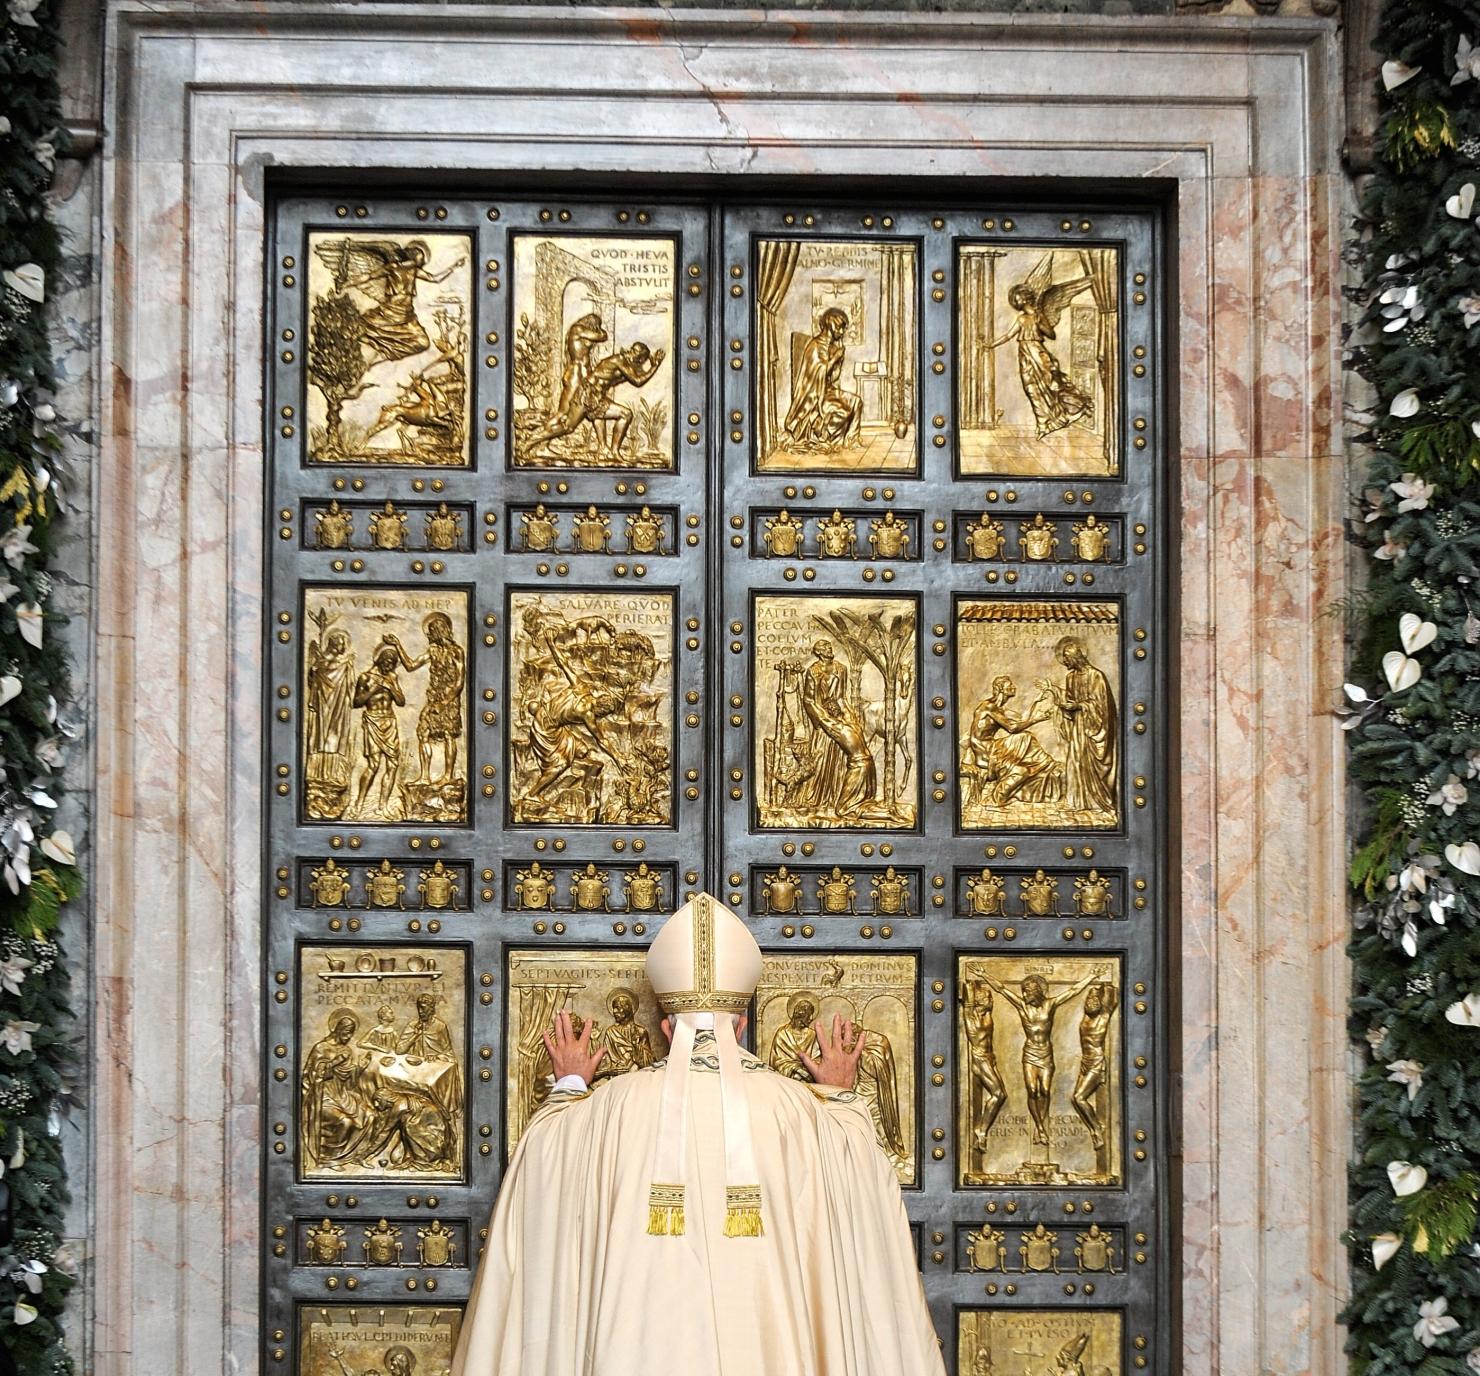 Papa Francisc deschide ușile Bazilicăi Sf. Petru